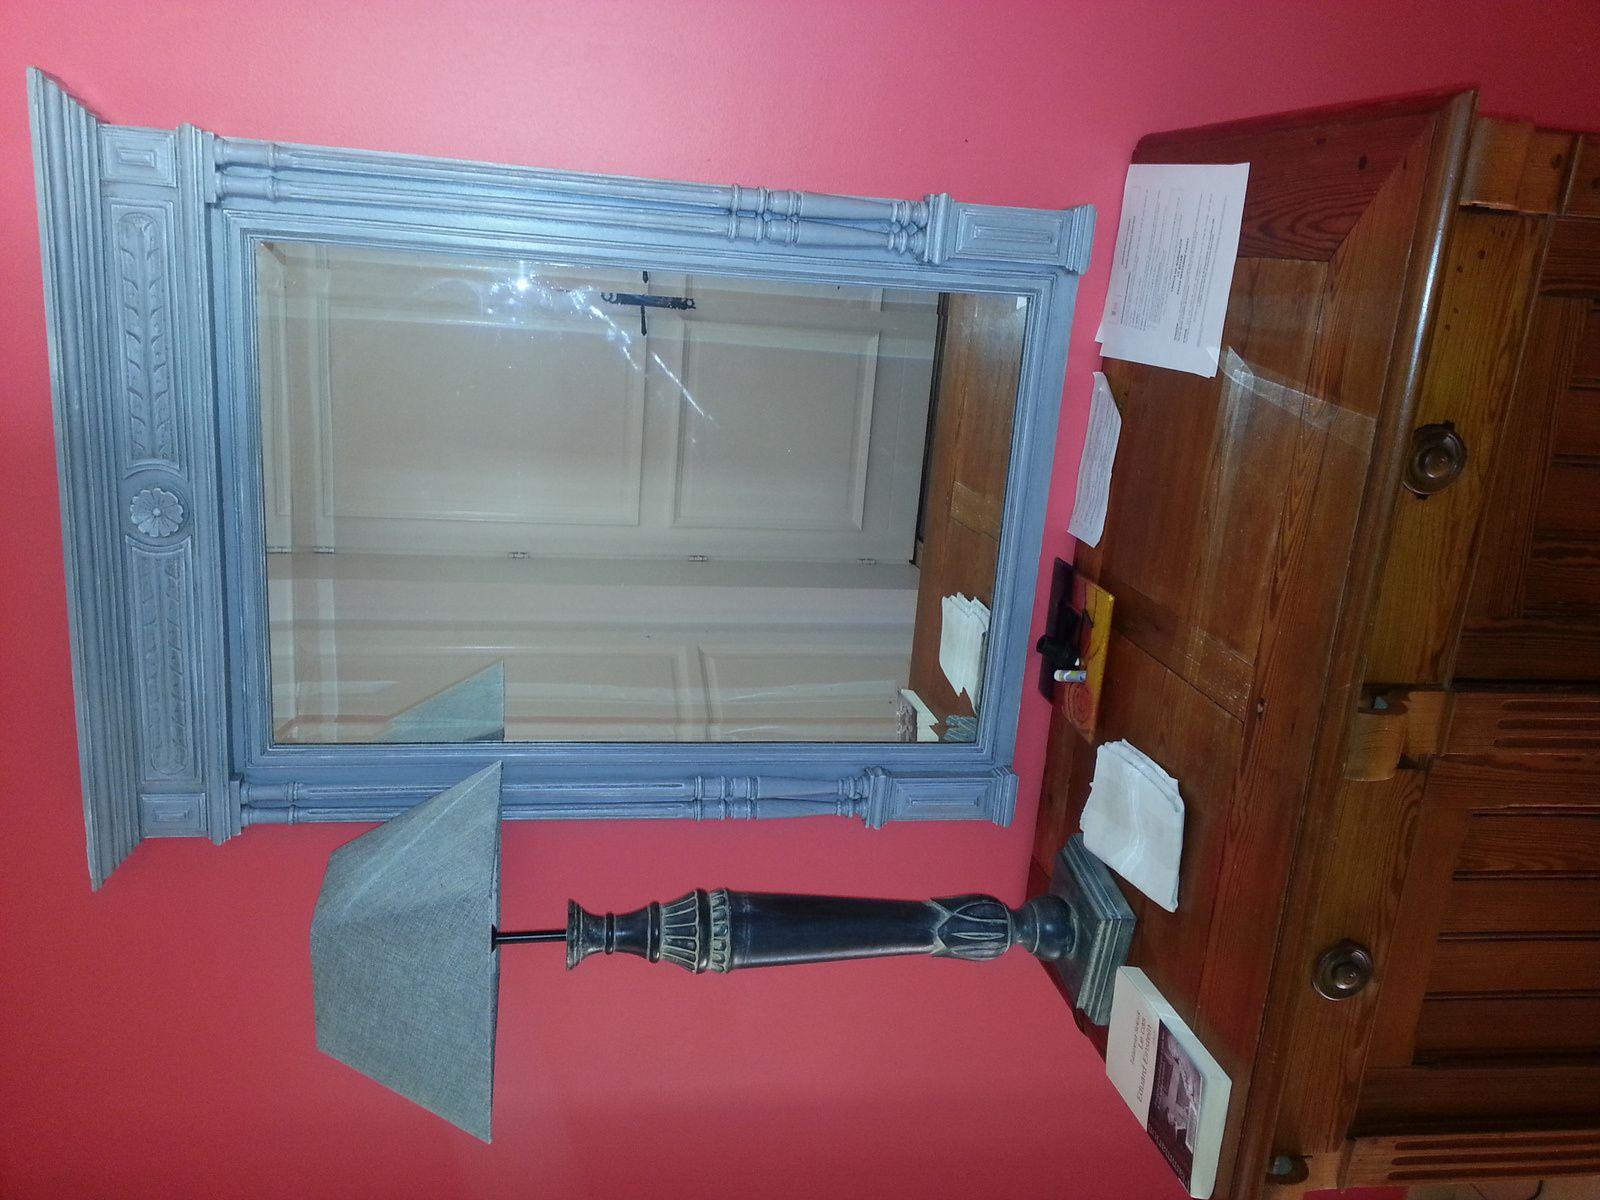 Miroir relooker relouk relooking peindre meubles cuisine bordeaux 33 griff - Relooking meuble bordeaux ...